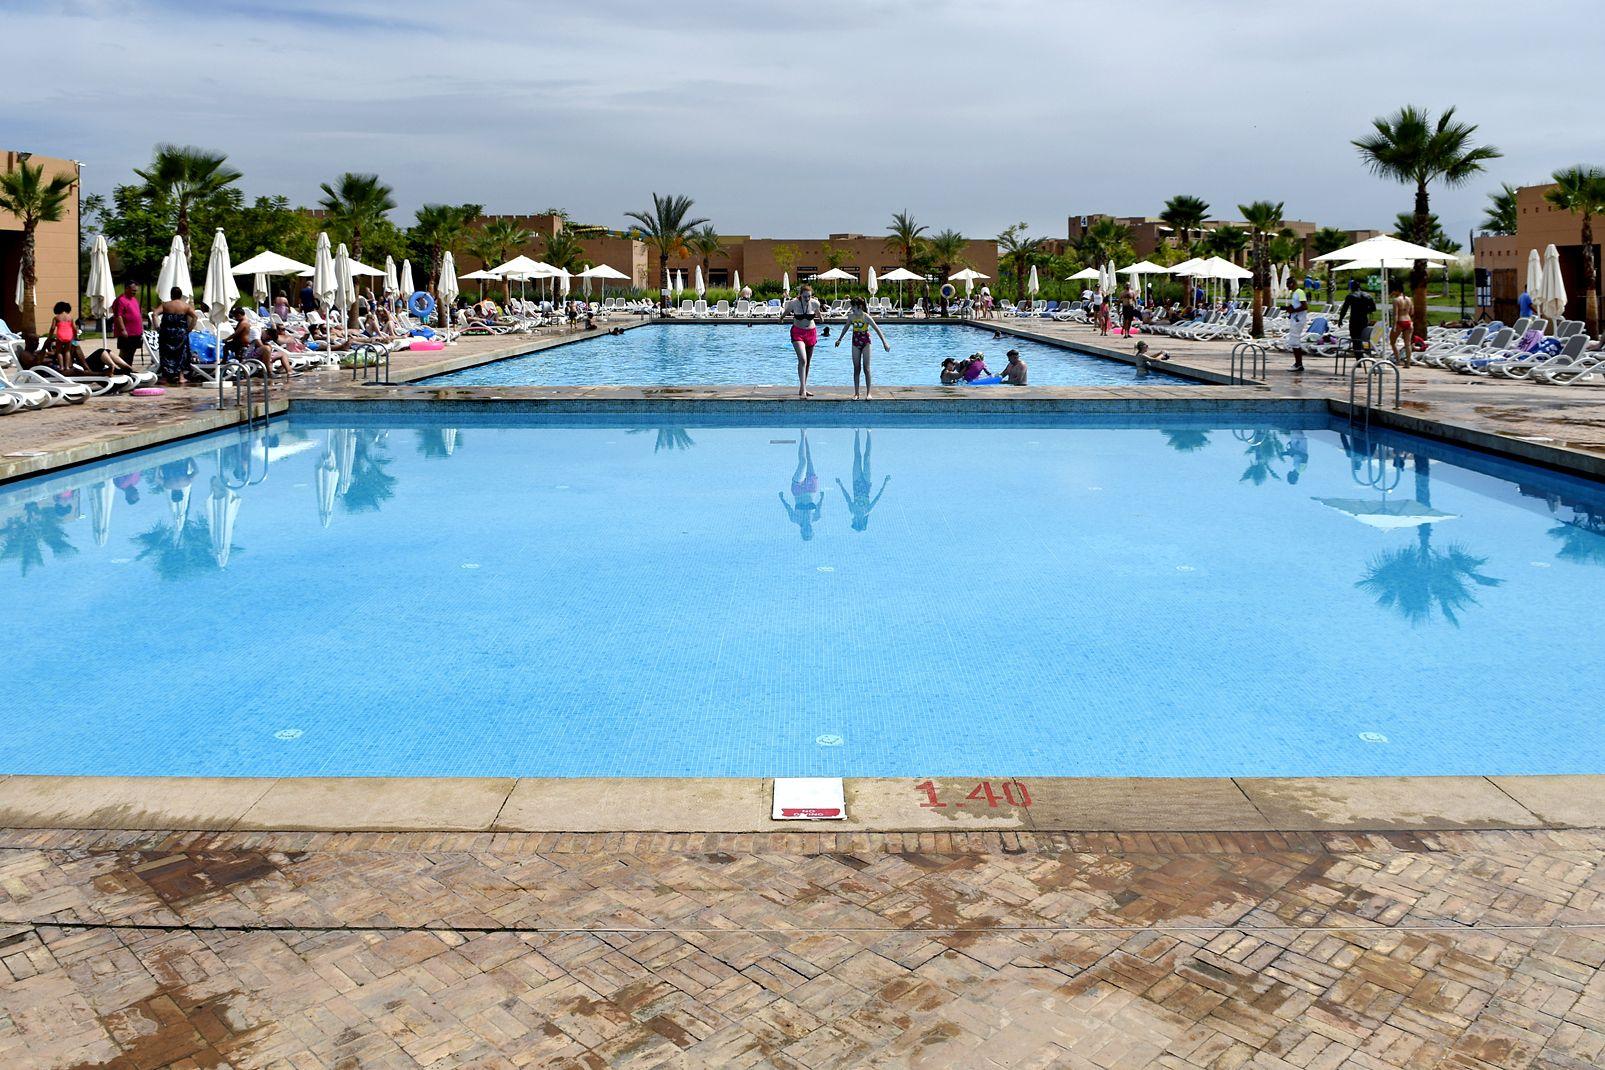 Aqua Mirage Marrakech 4* intérieur Horaire Piscine Hennebont